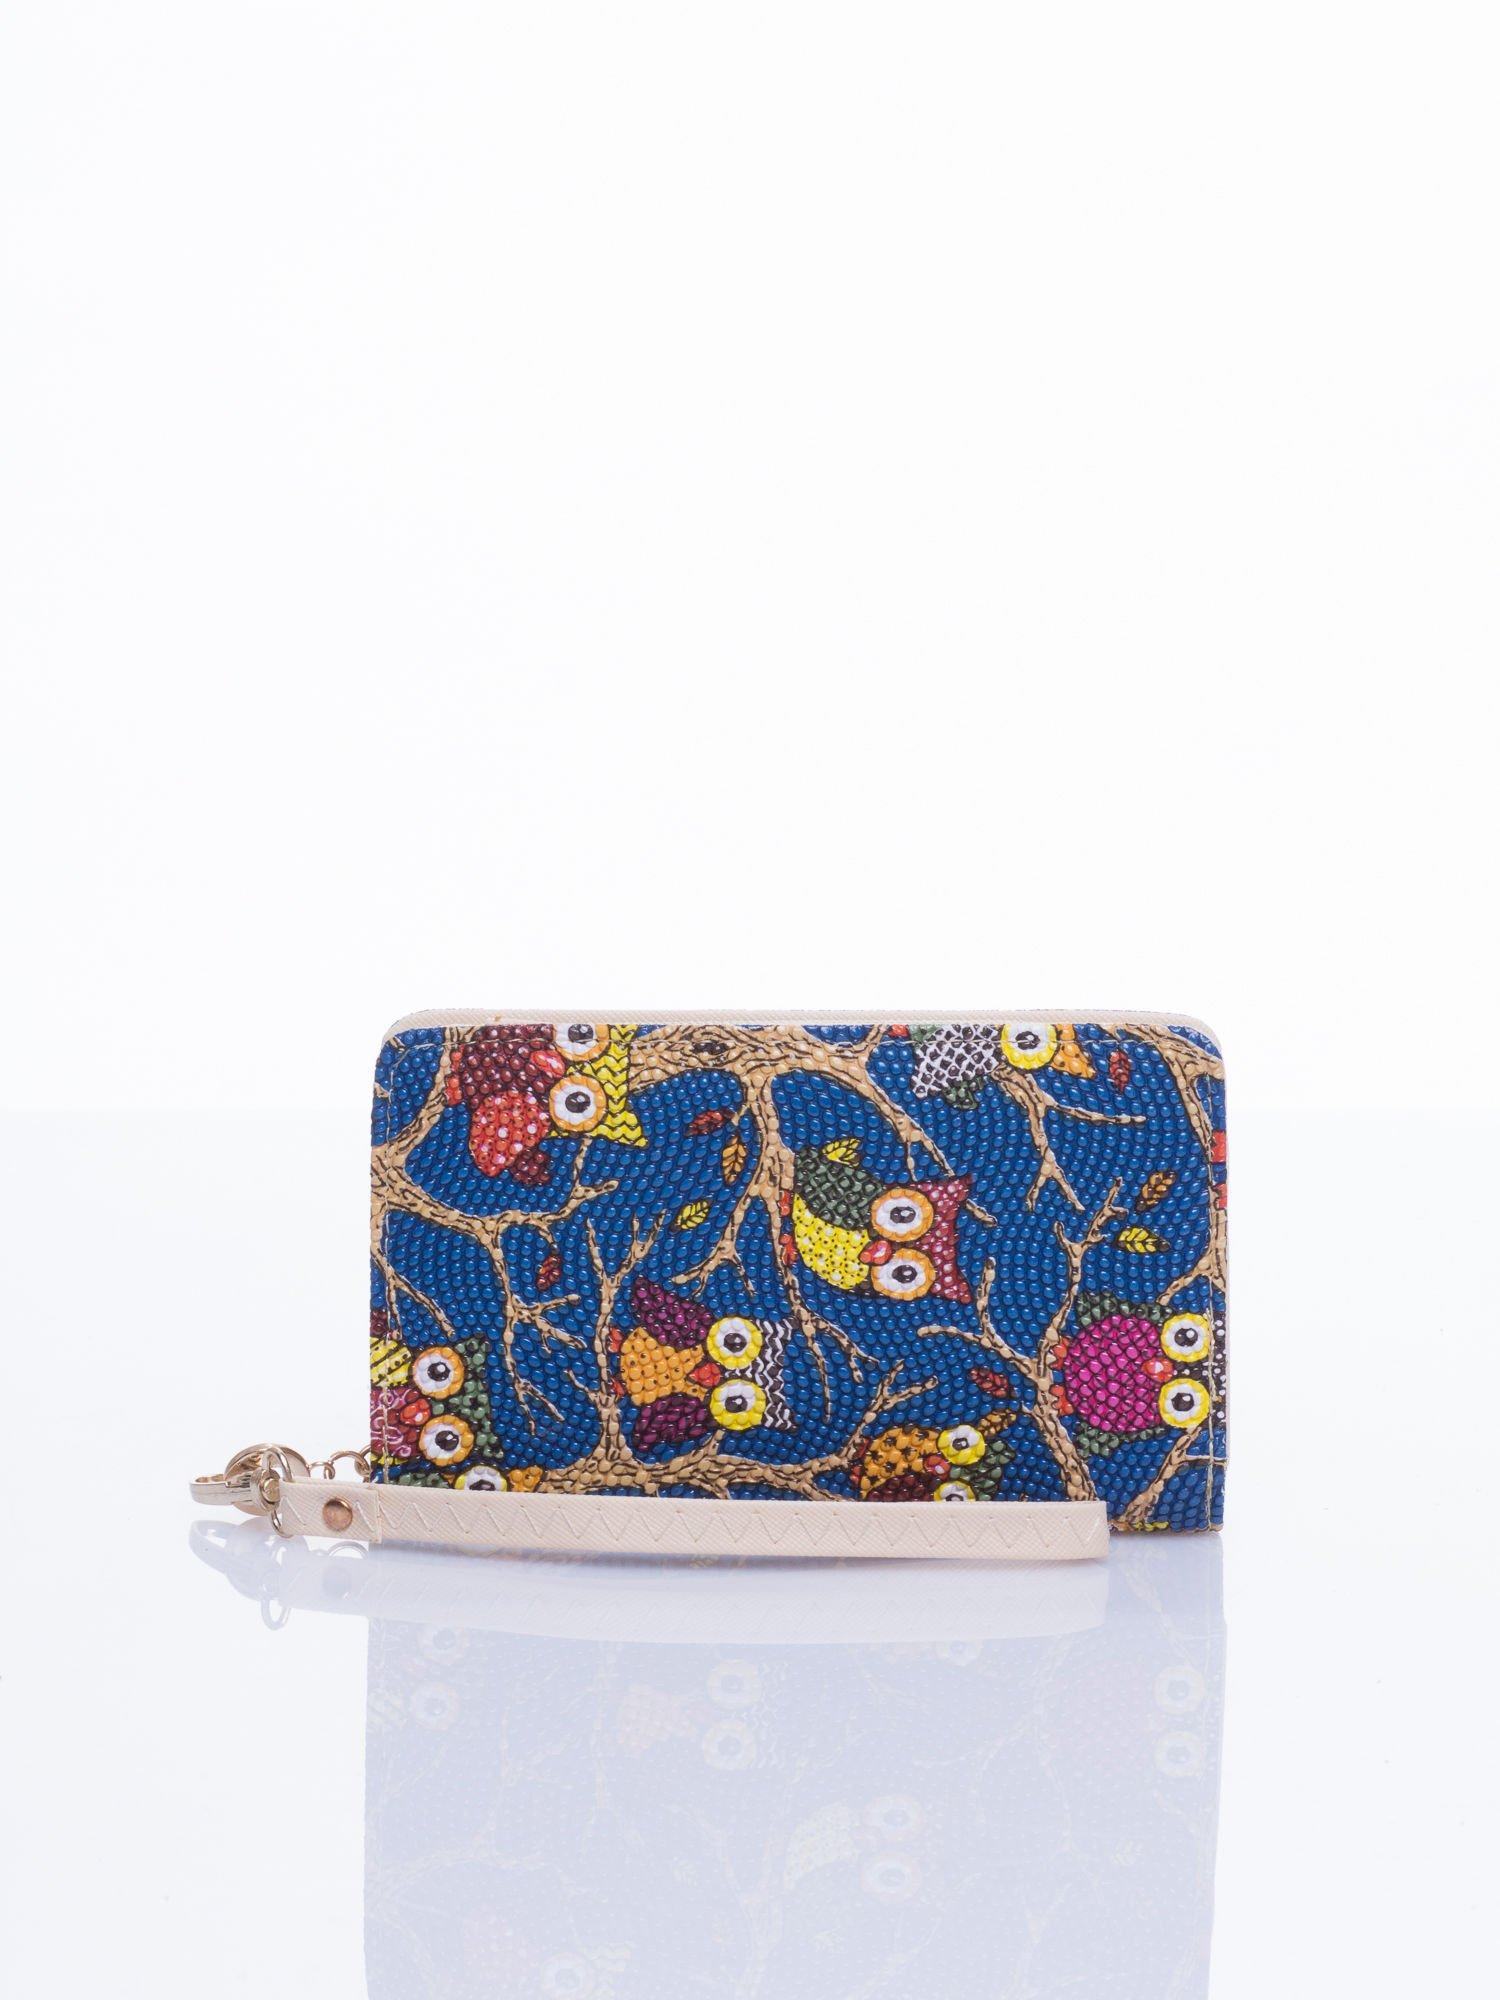 Niebieski mini portfel w sówki                                  zdj.                                  1